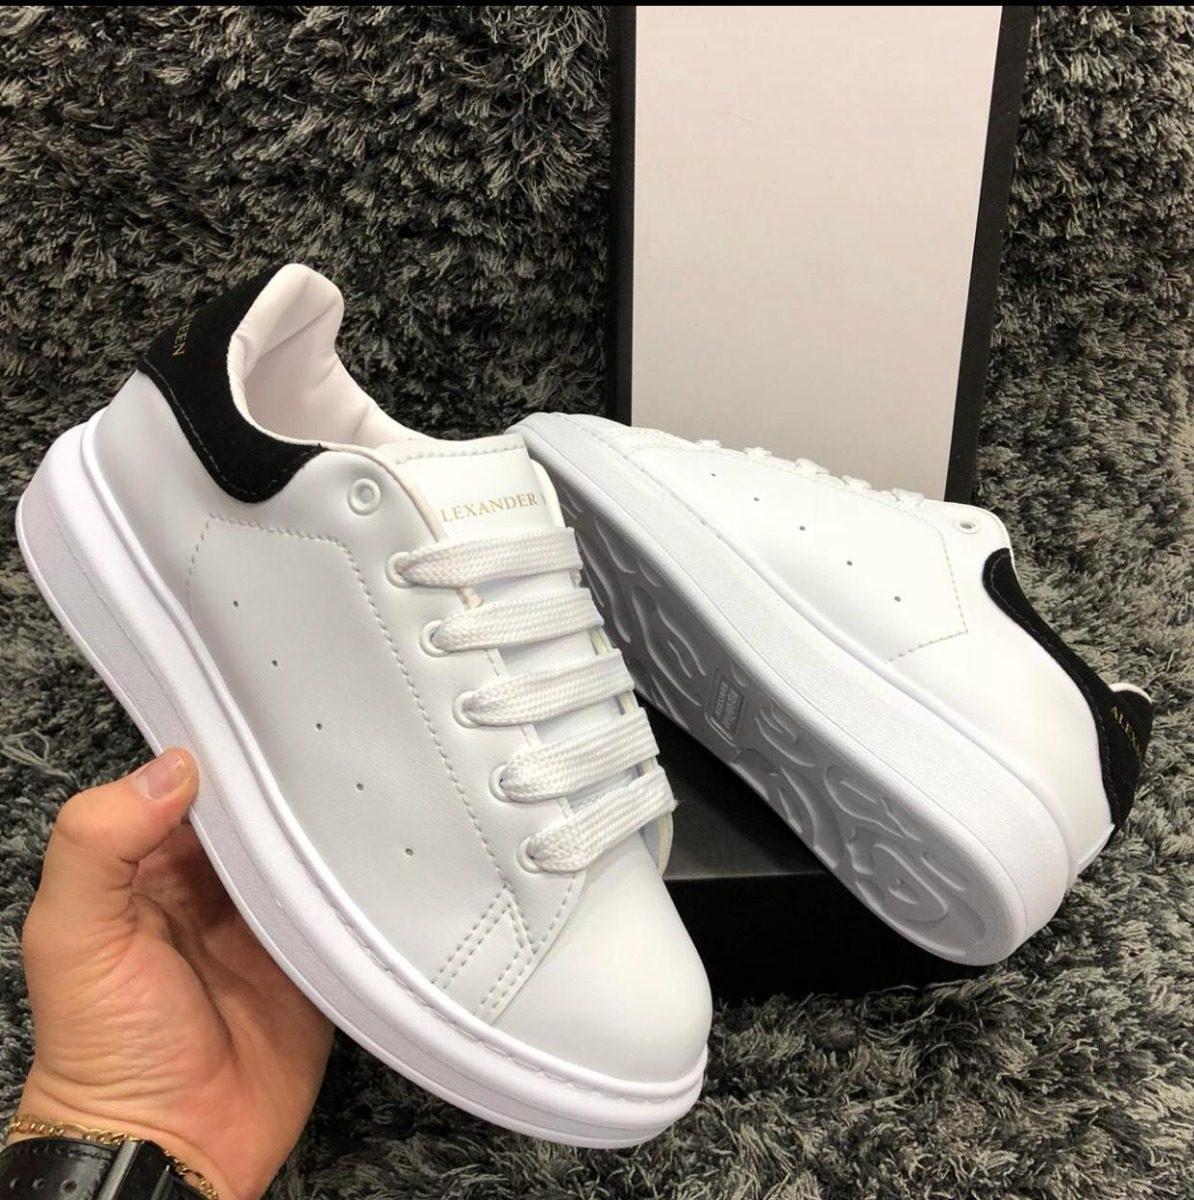 ca53f534f6f Zapatos Tenis Alexander Mcqueen - Envío Gratis -   159.000 en ...